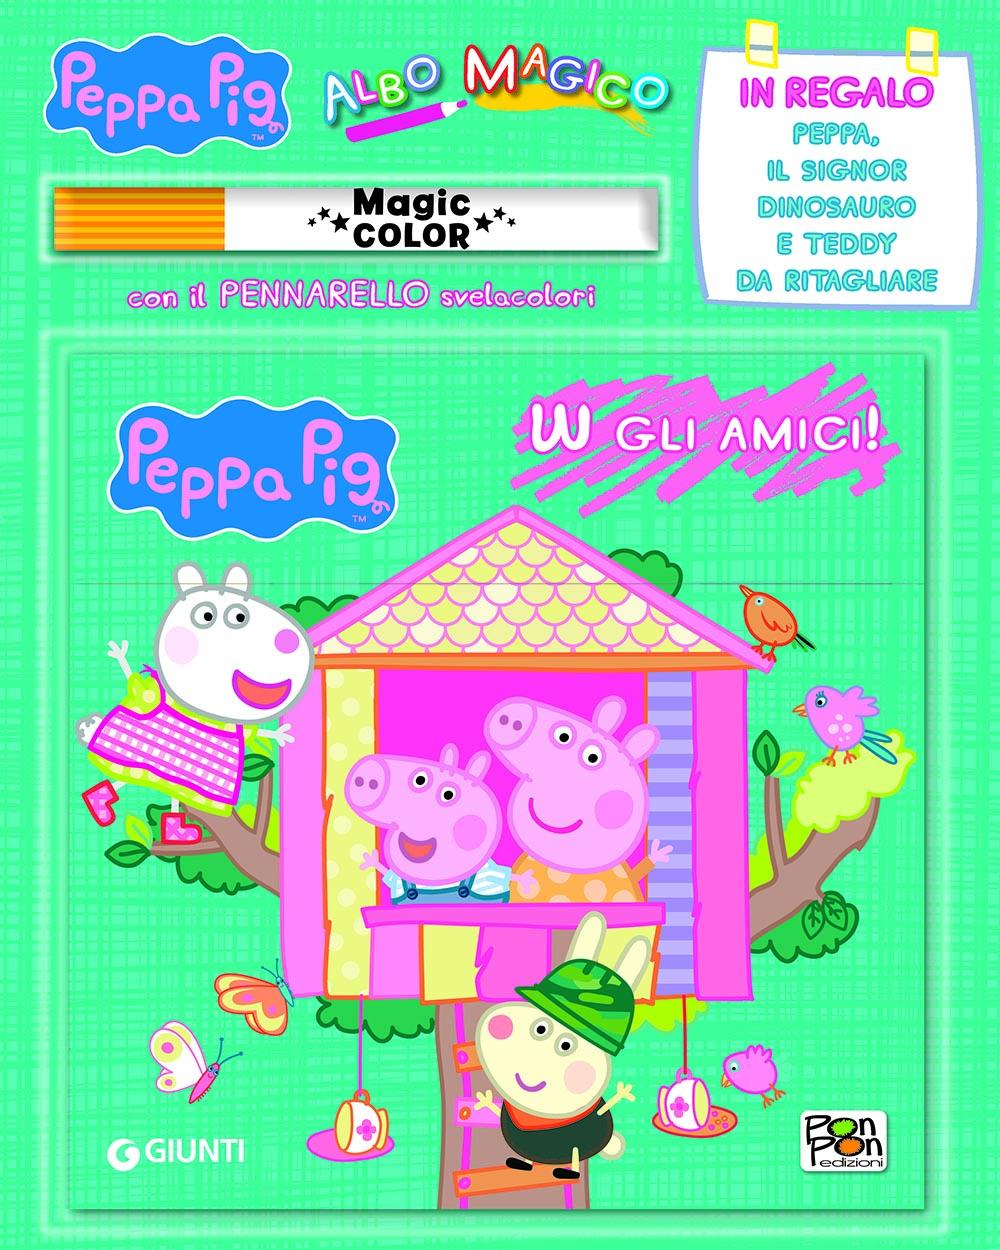 Albo Magico W gli Amici! Peppa Pig